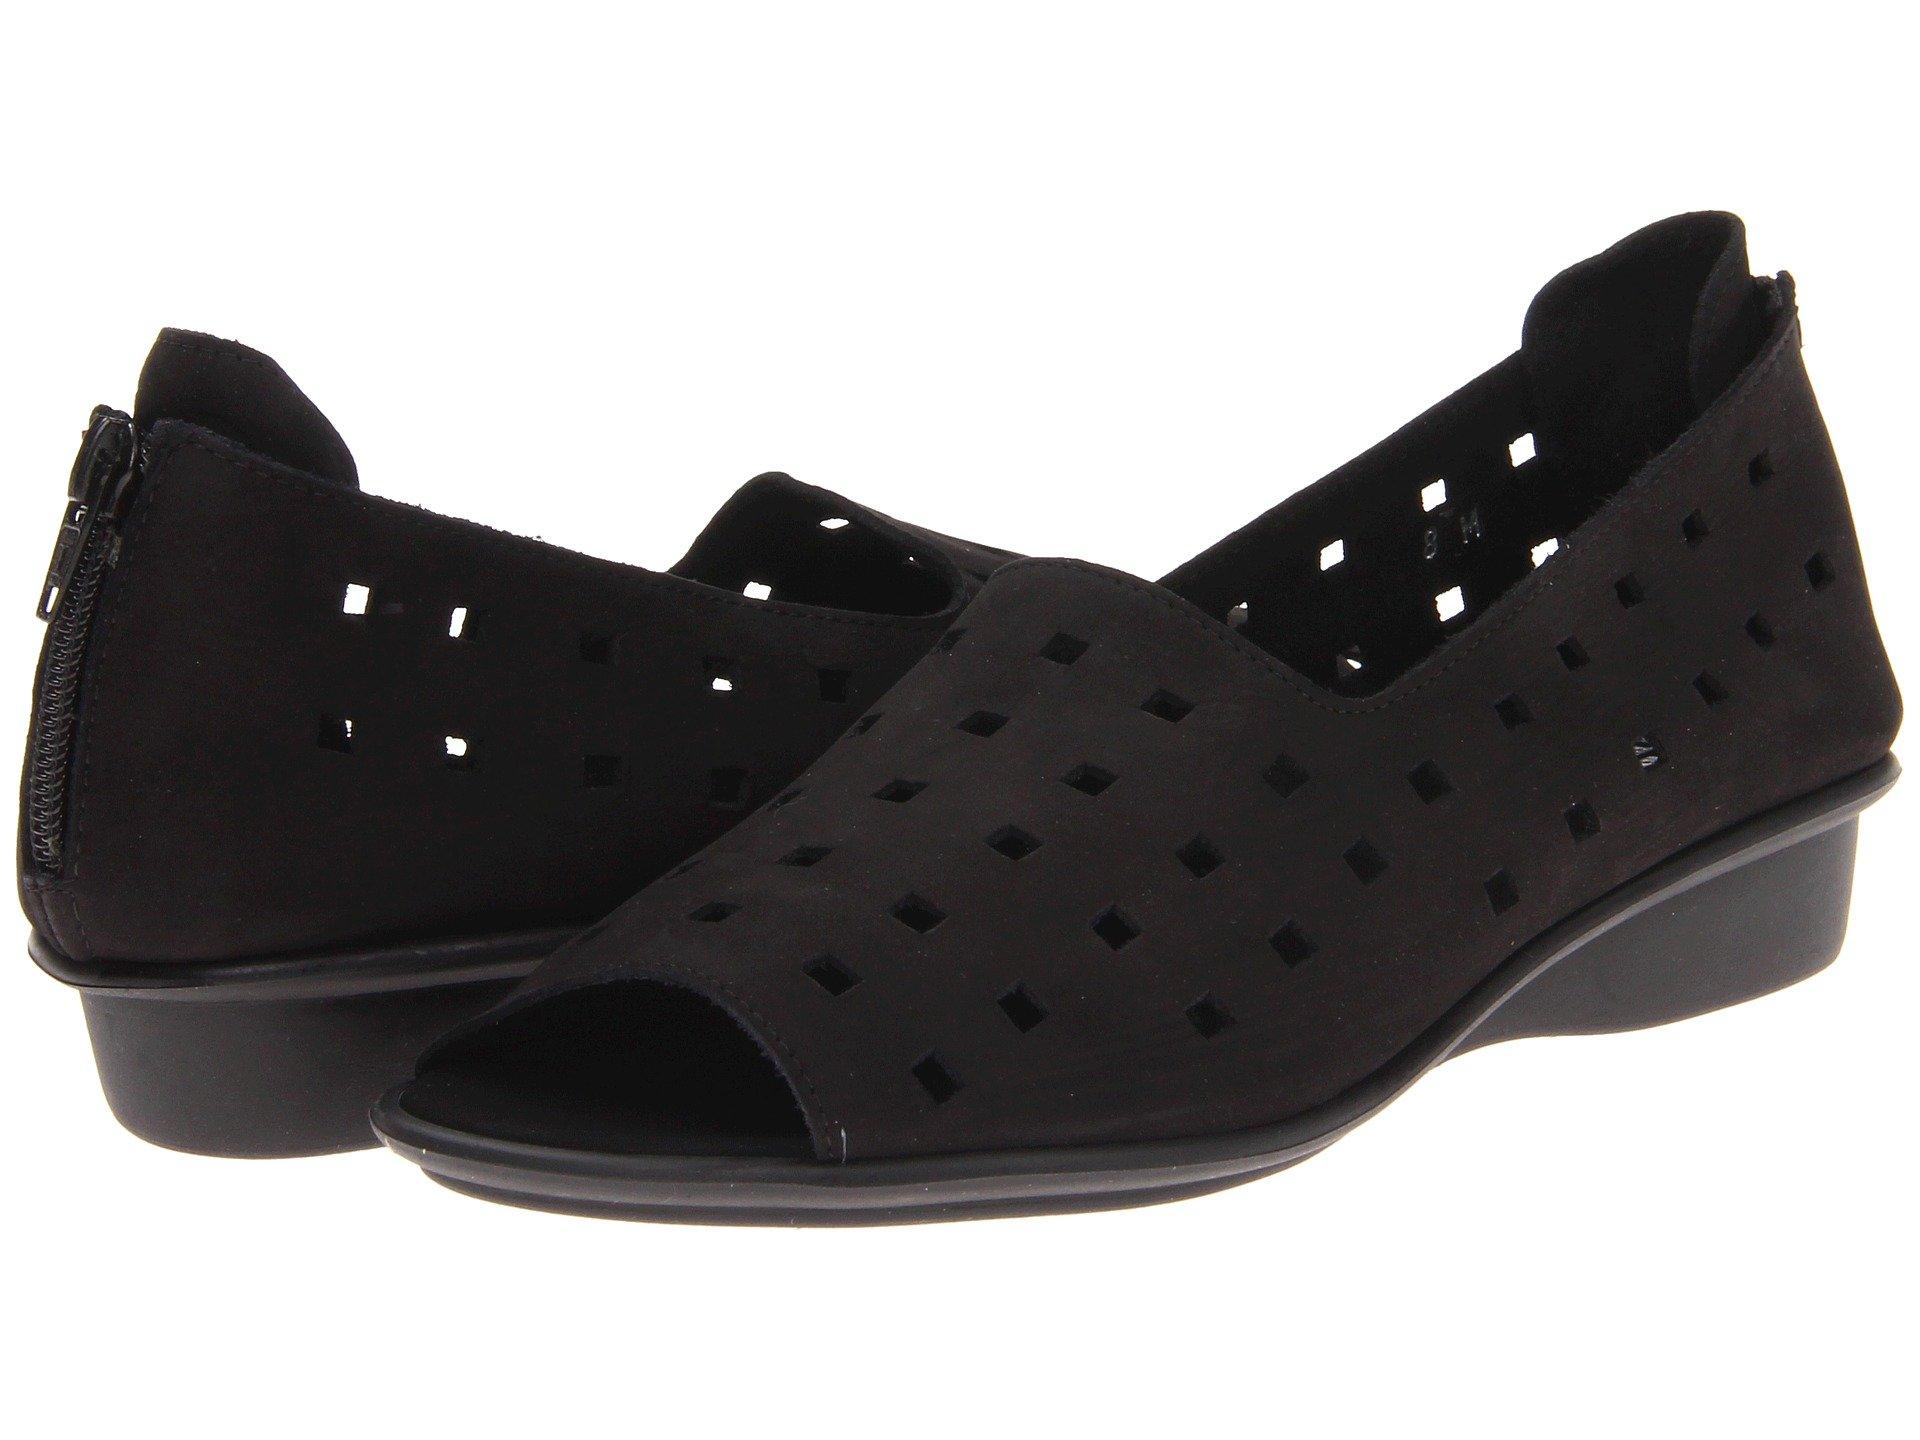 e8cf8b0e2 Women s Sesto Meucci Shoes + FREE SHIPPING